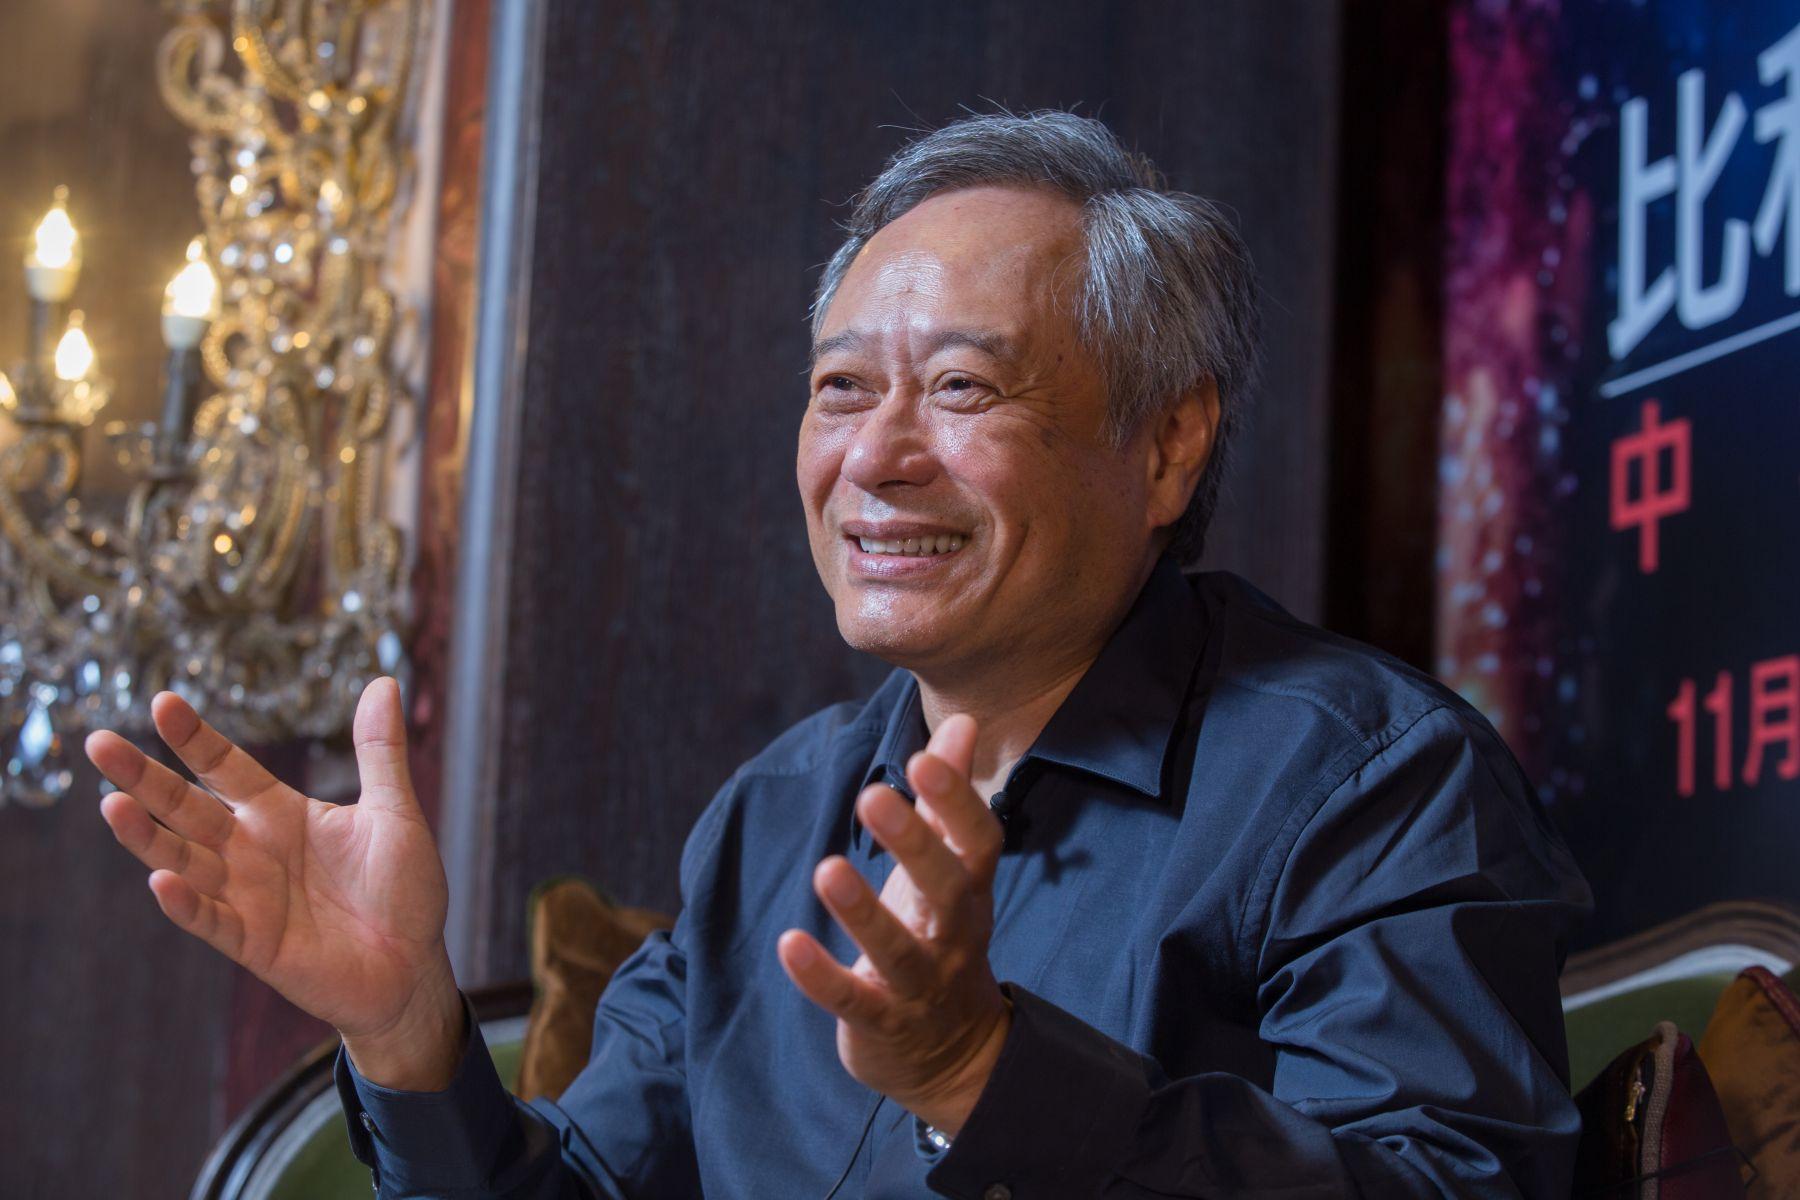 李安獲頒終身榮譽獎 美國導演工會主席:他是傳奇